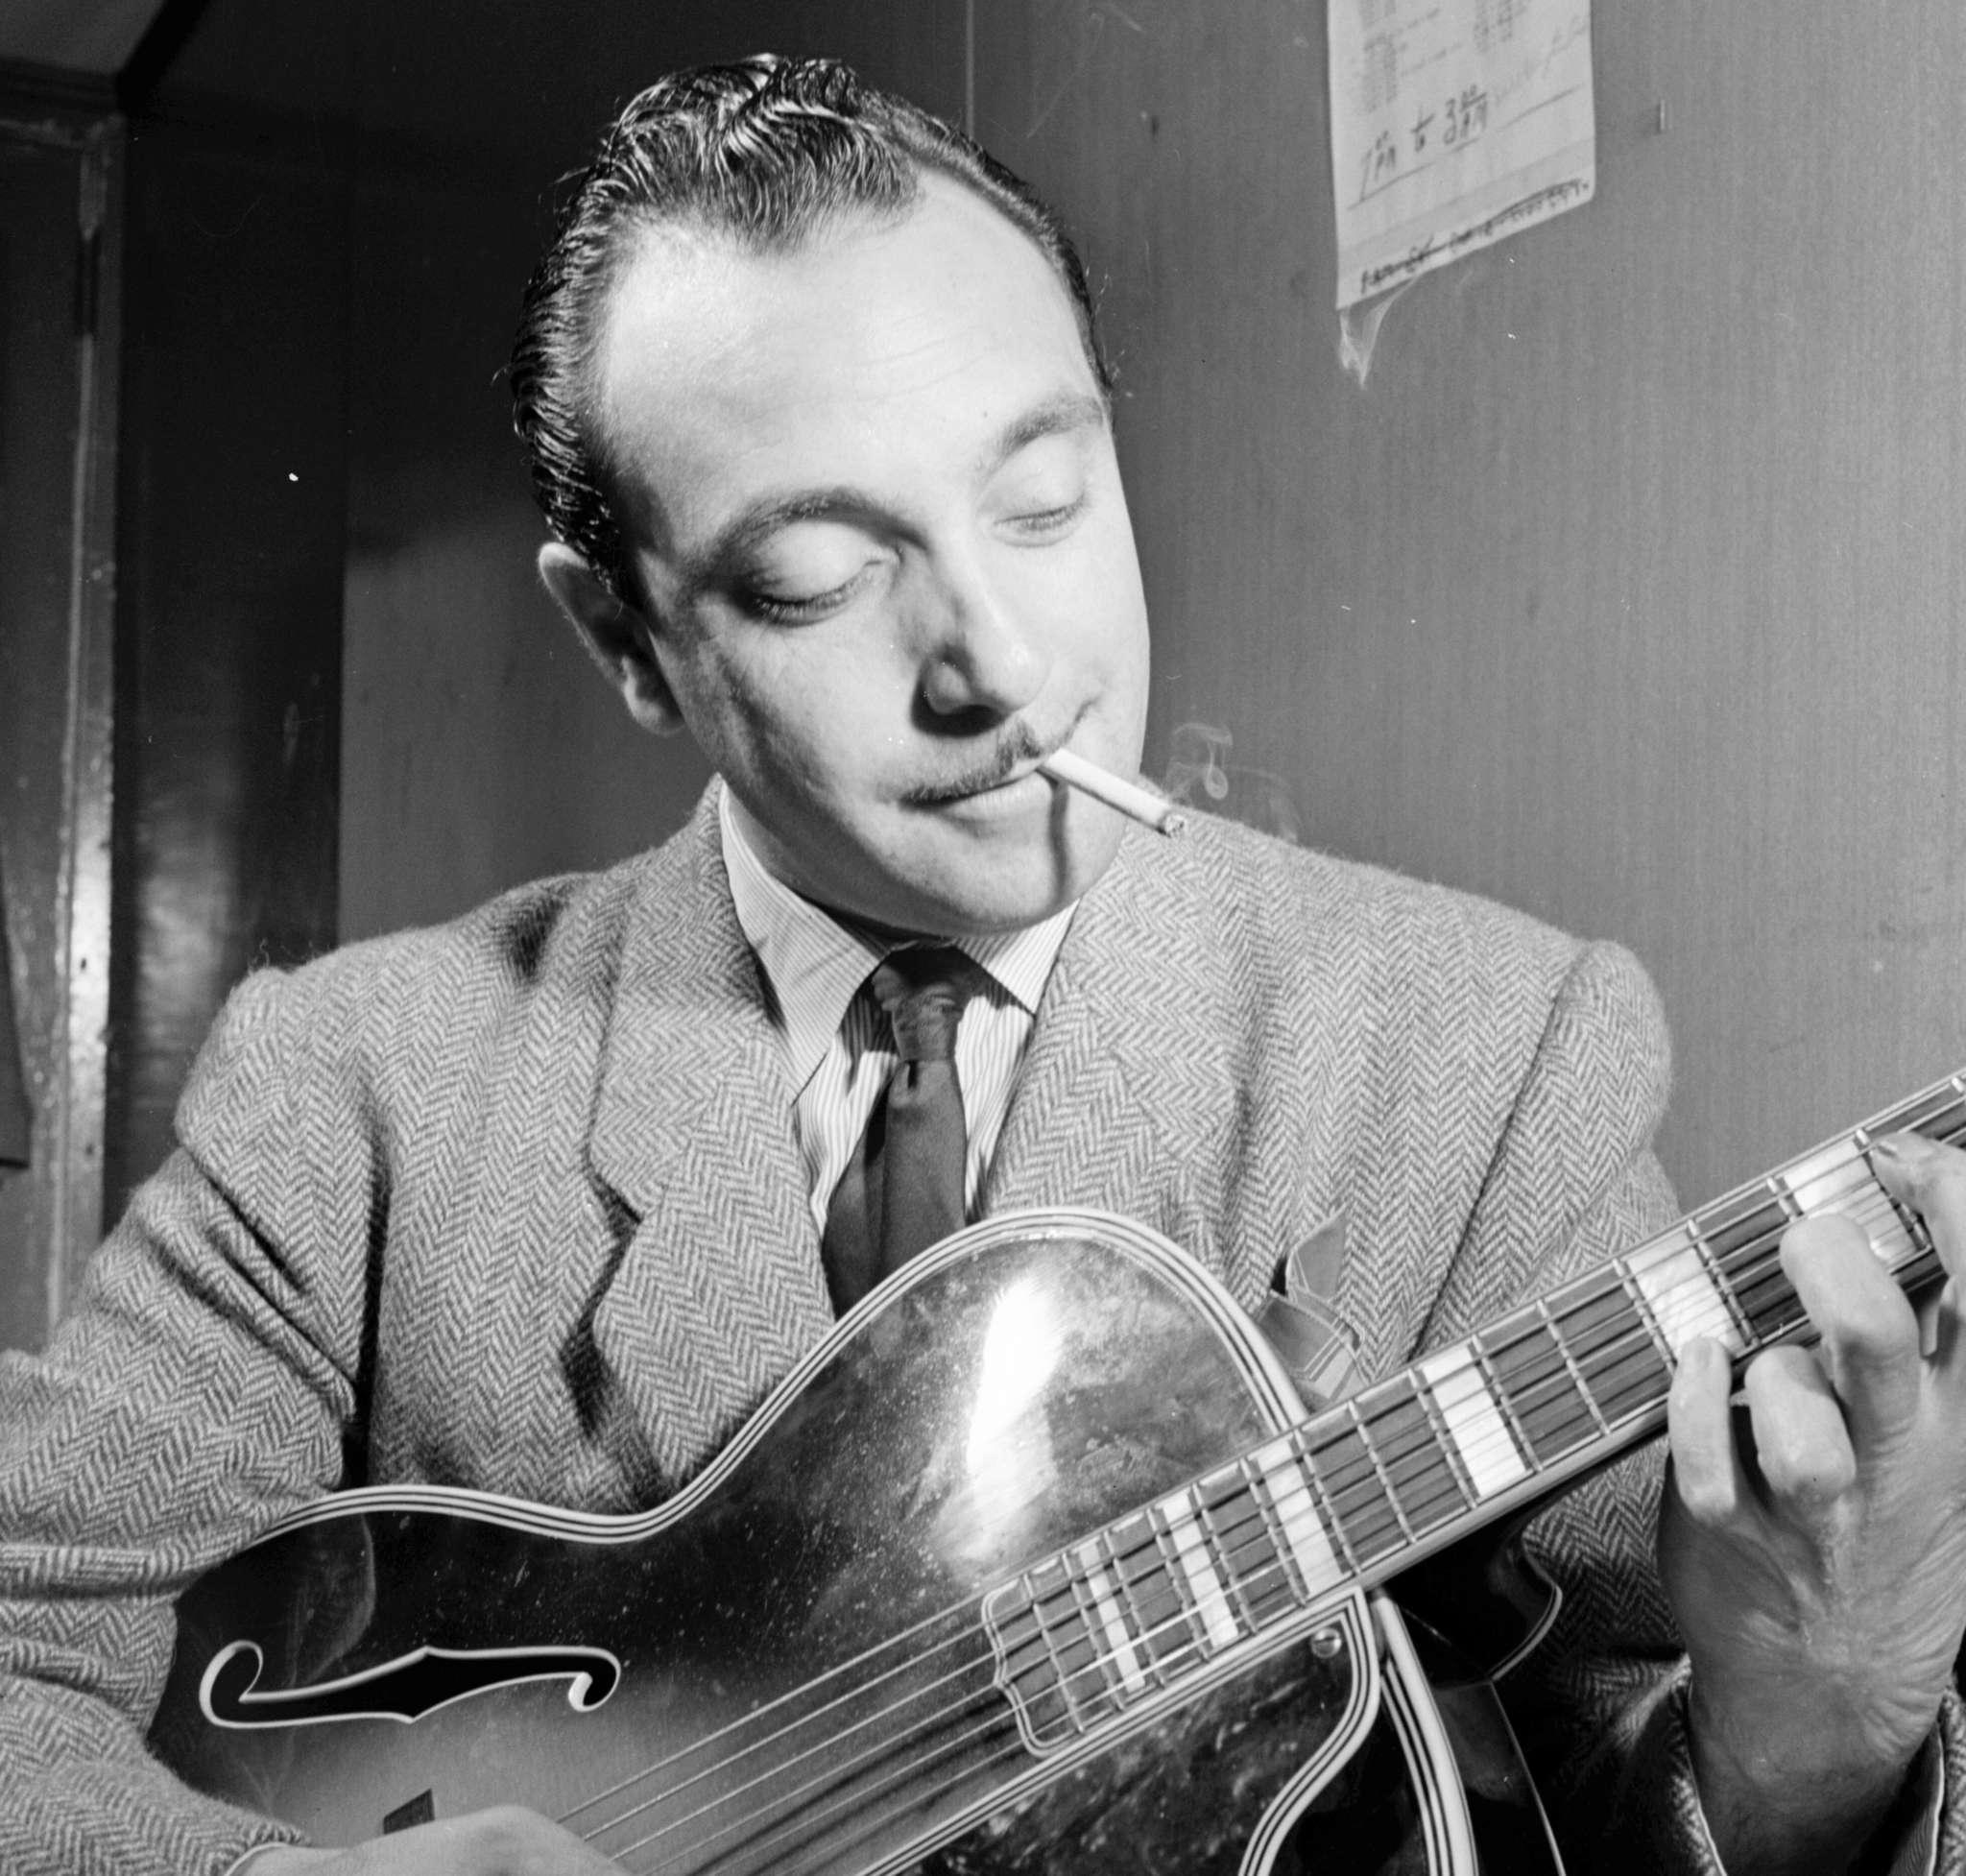 Django Reinhardt , jazz guitarist. William P. Gottlieb Collection, Library of Congress